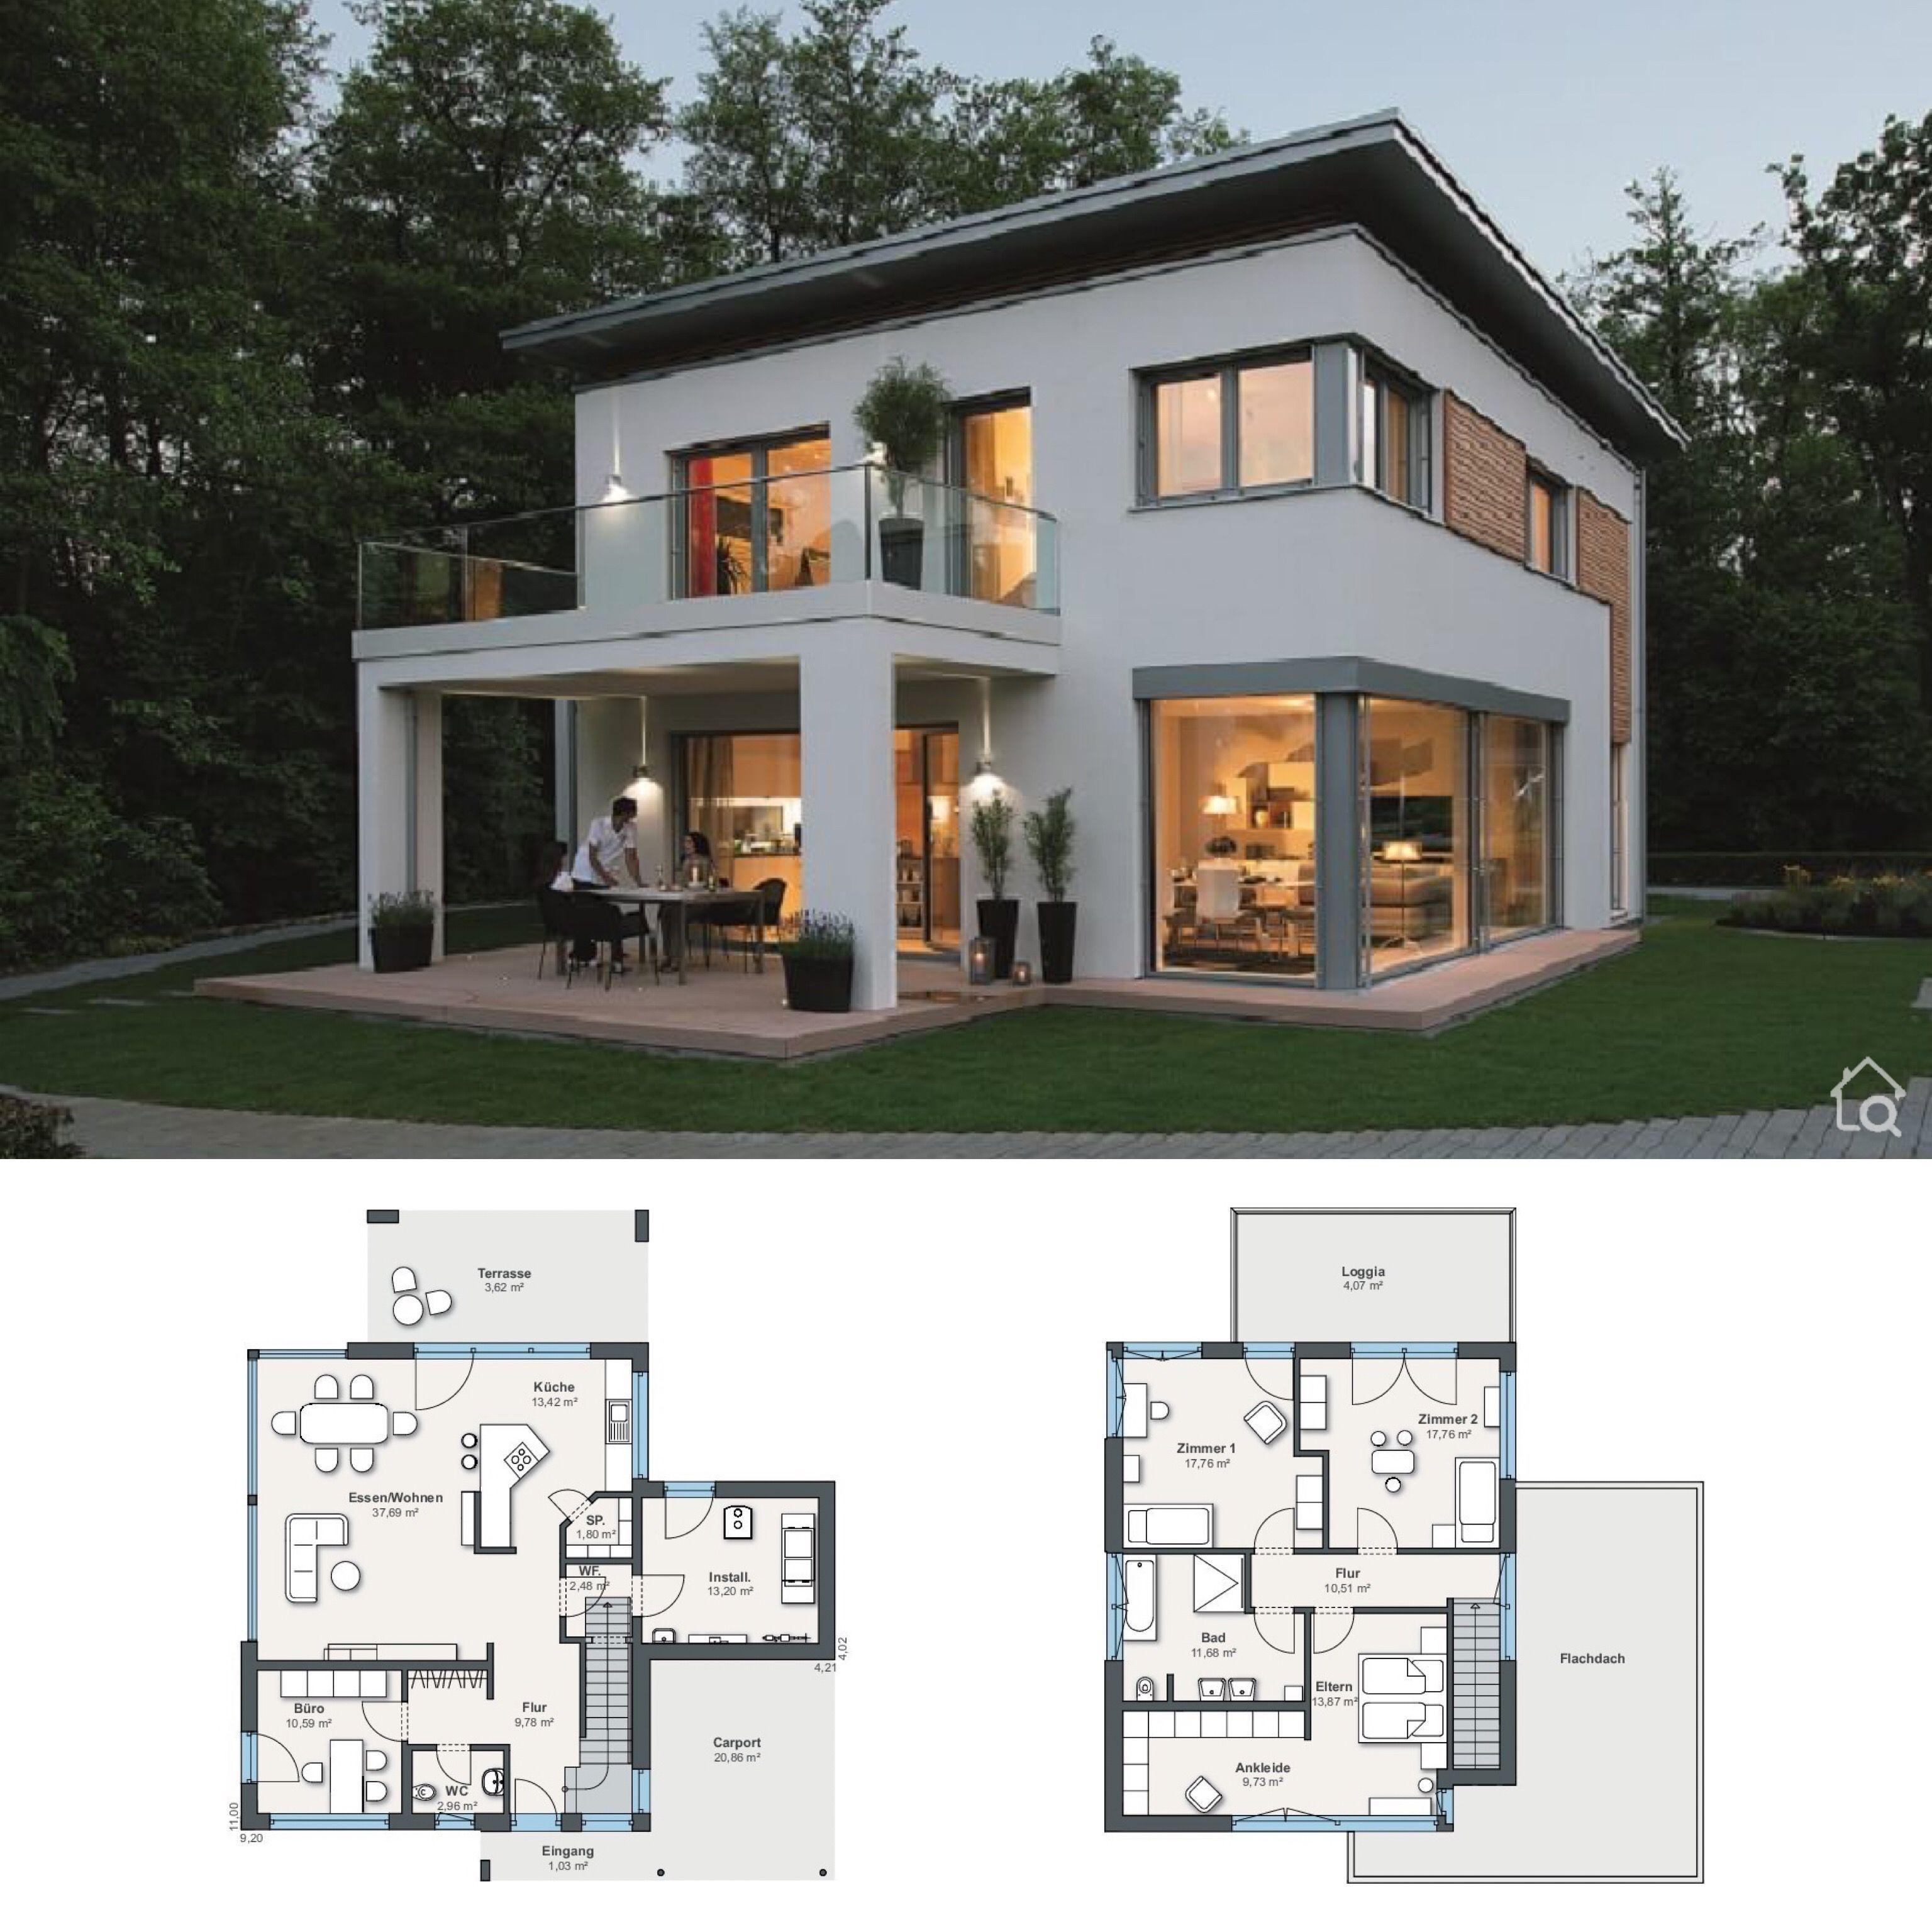 Modernes Einfamilienhaus mit Flachdach Architektur ...